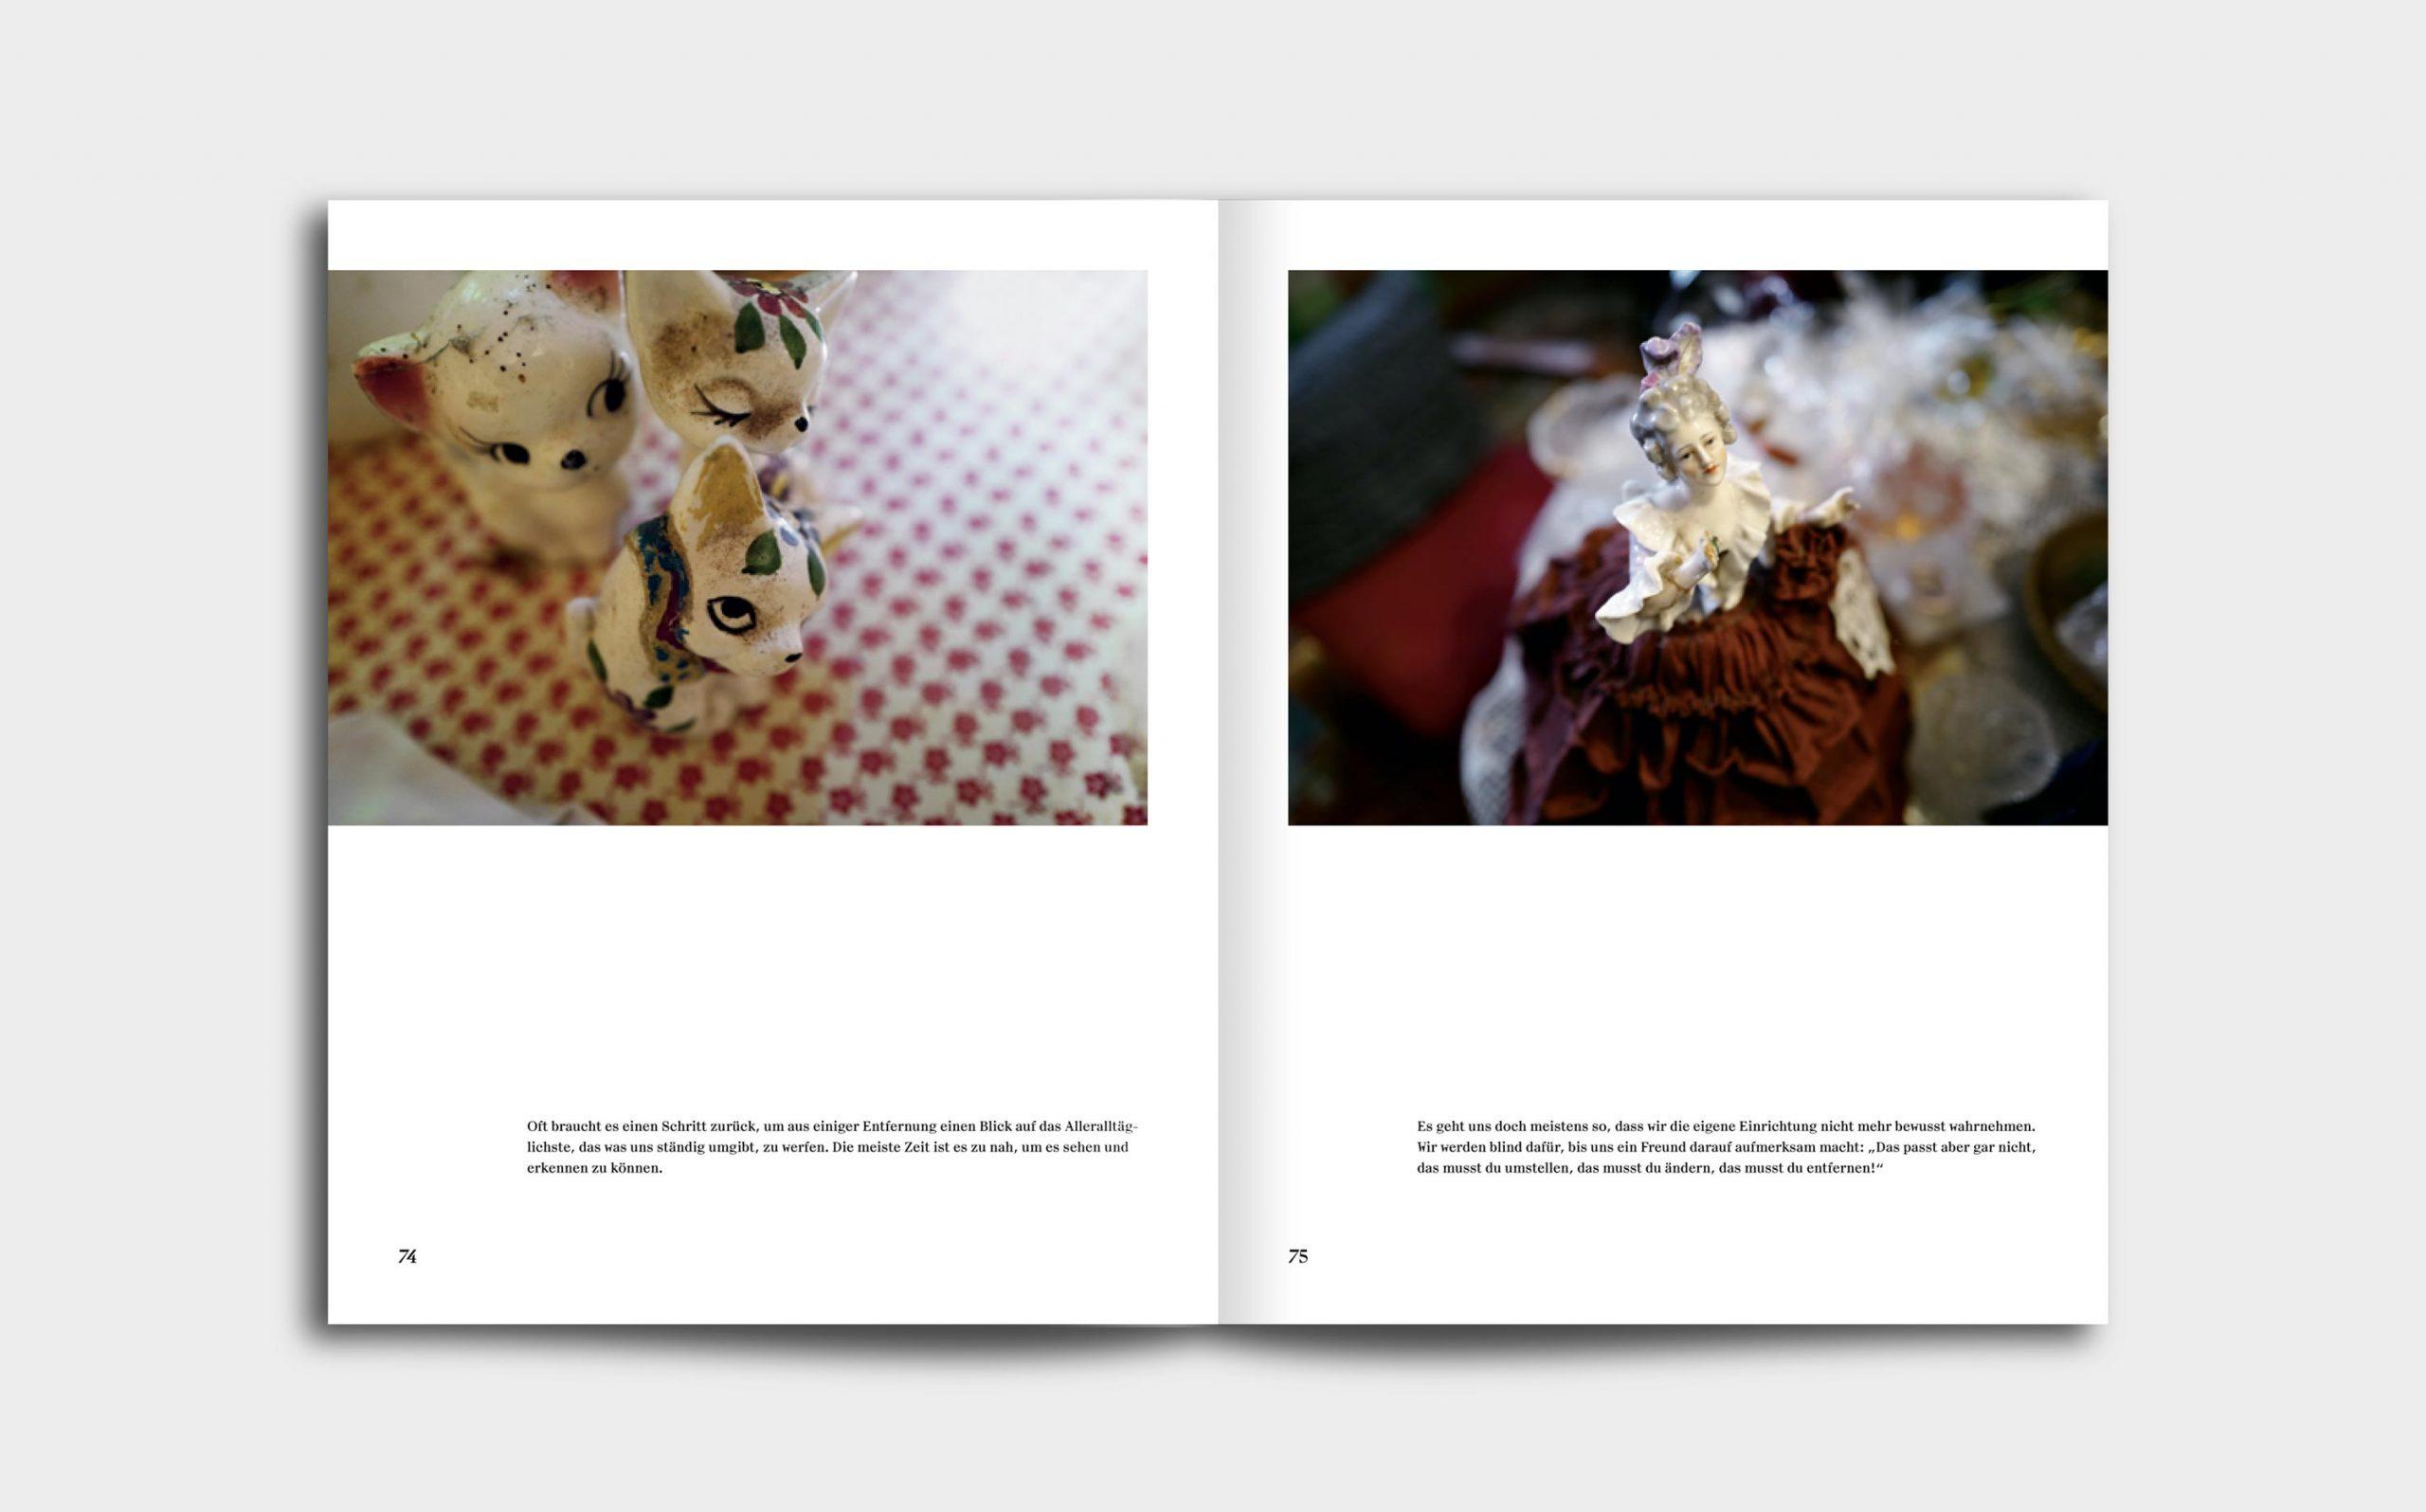 Tarek Leitner, Peter Coeln – Hilde & Gretl | Doppelseite mit zwei Bildern, jeweils beide Male mit Porzellanfiguren | Keywords: Editorial Design, Veredelung, Artist Book, Künstlerbuch, Buchgestaltung, Grafikdesign, Design, Typografie, Nippes